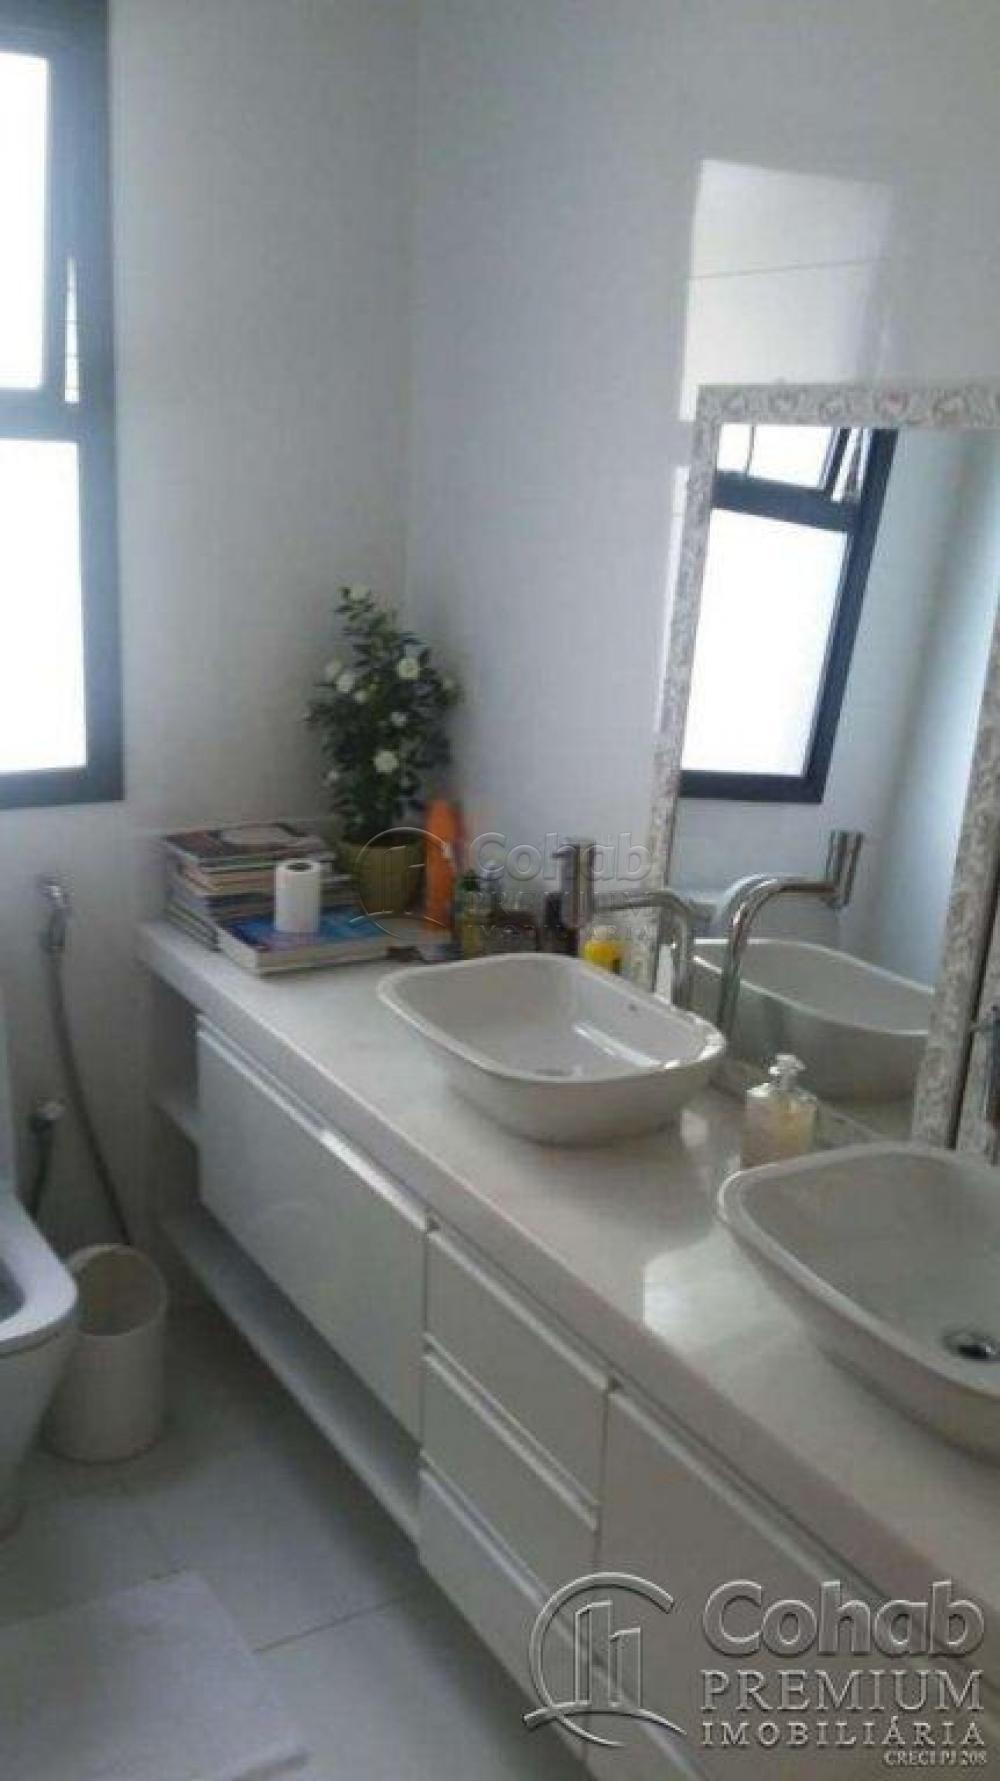 Comprar Apartamento / Mansão em Aracaju apenas R$ 1.700.000,00 - Foto 10